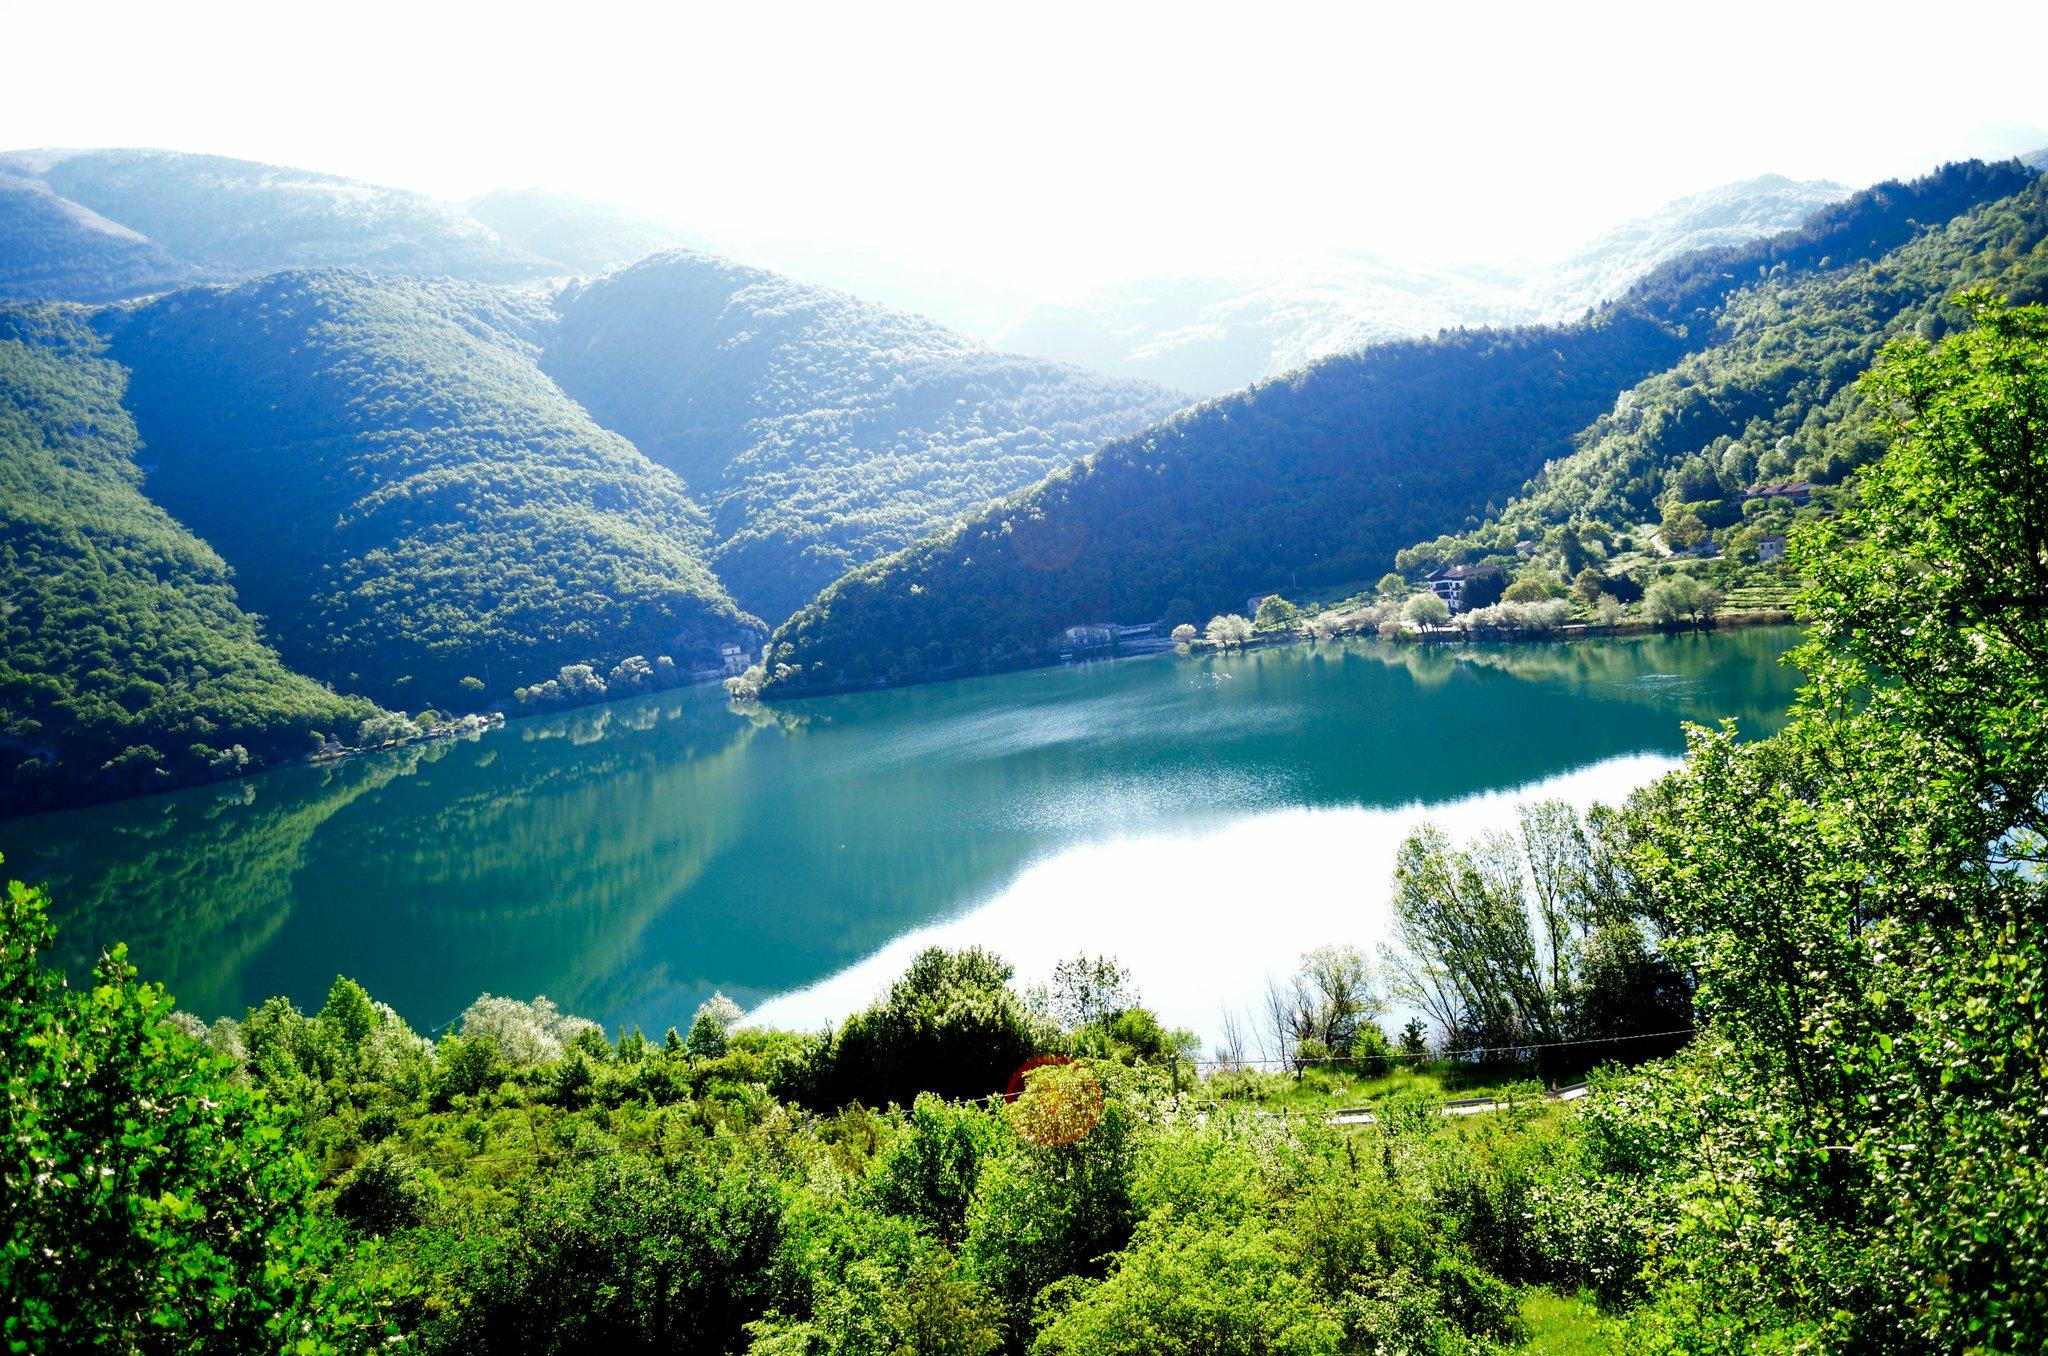 Lago_di_scanno